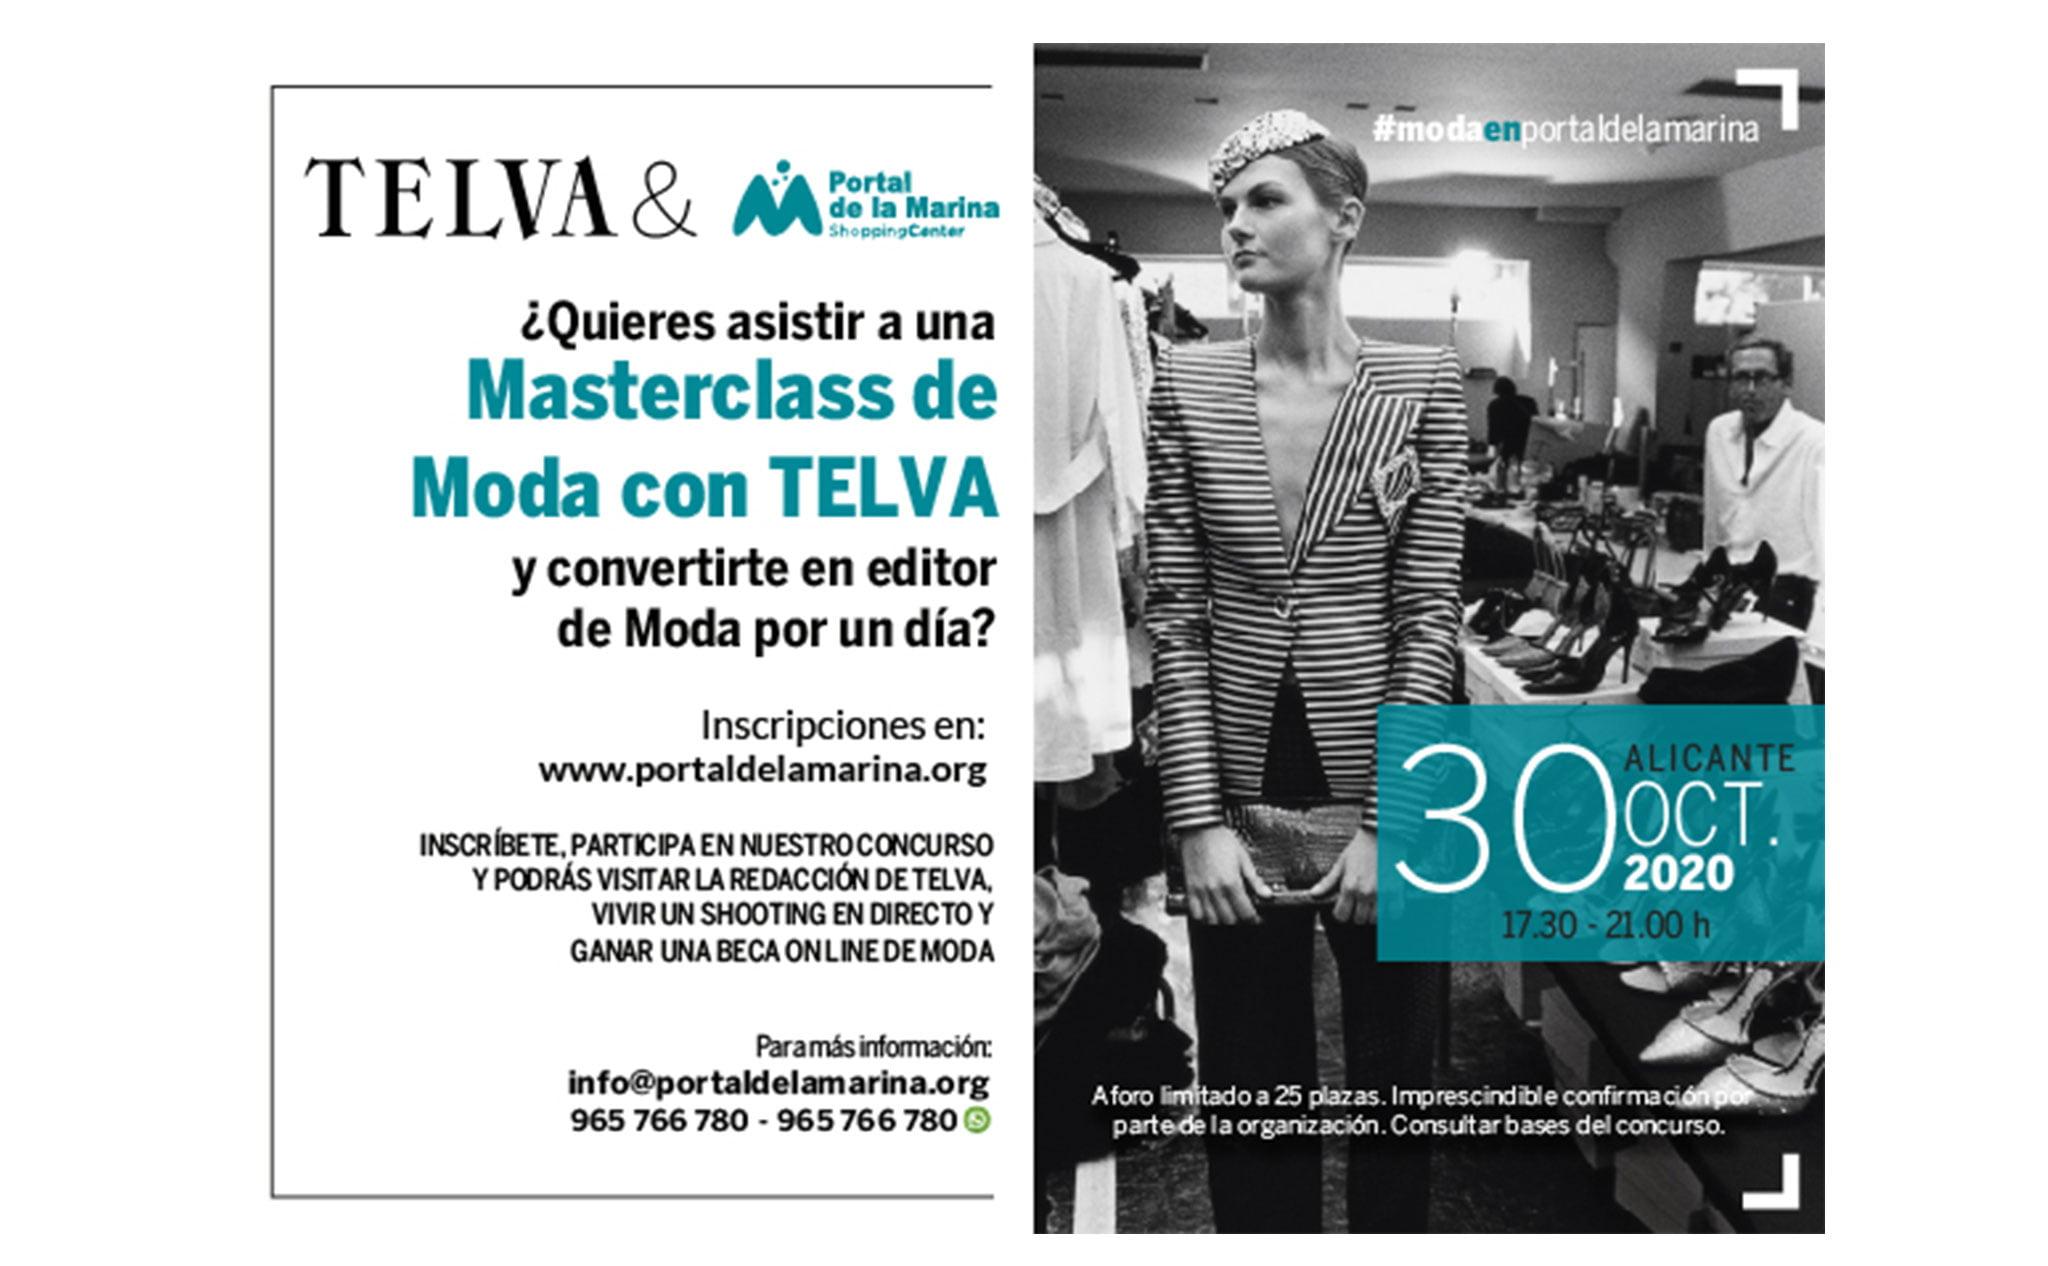 Buscan a 25 personas que quieran formarse como editores de moda, community fashion manager o estilistas – Portal de la Marina